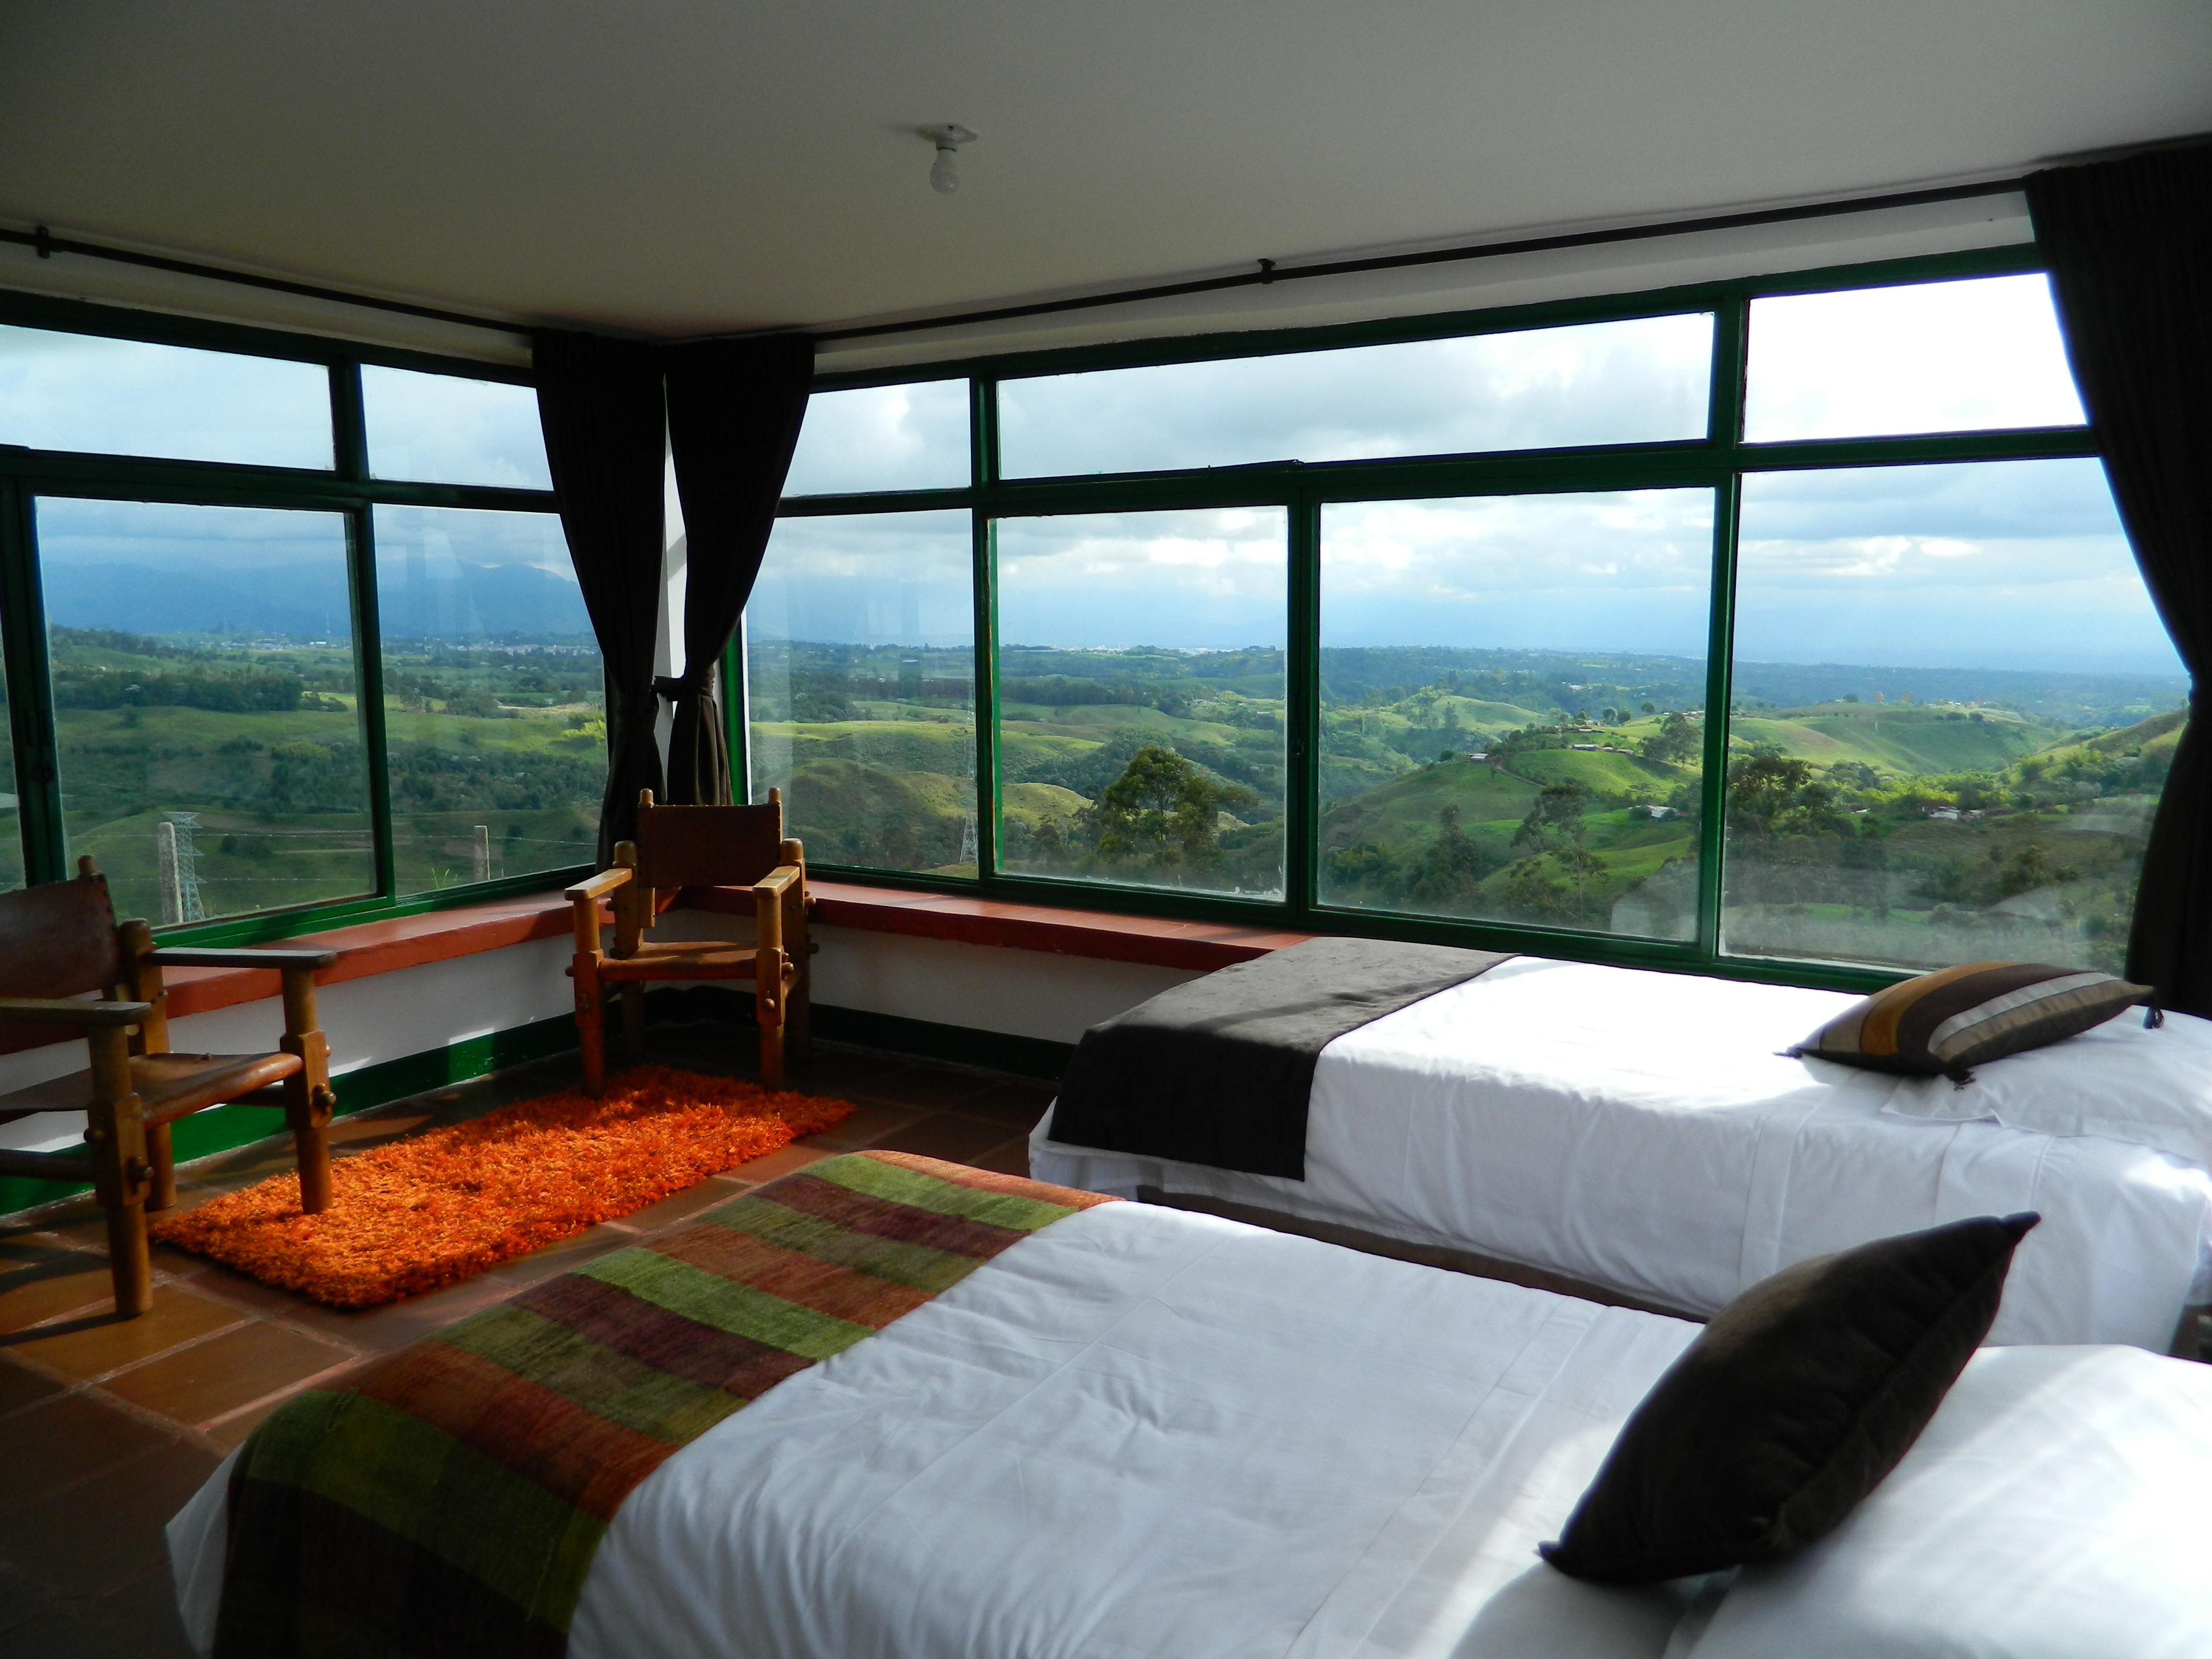 Hotel sierra morena filandia habitaciones for Habitacion cuadruple